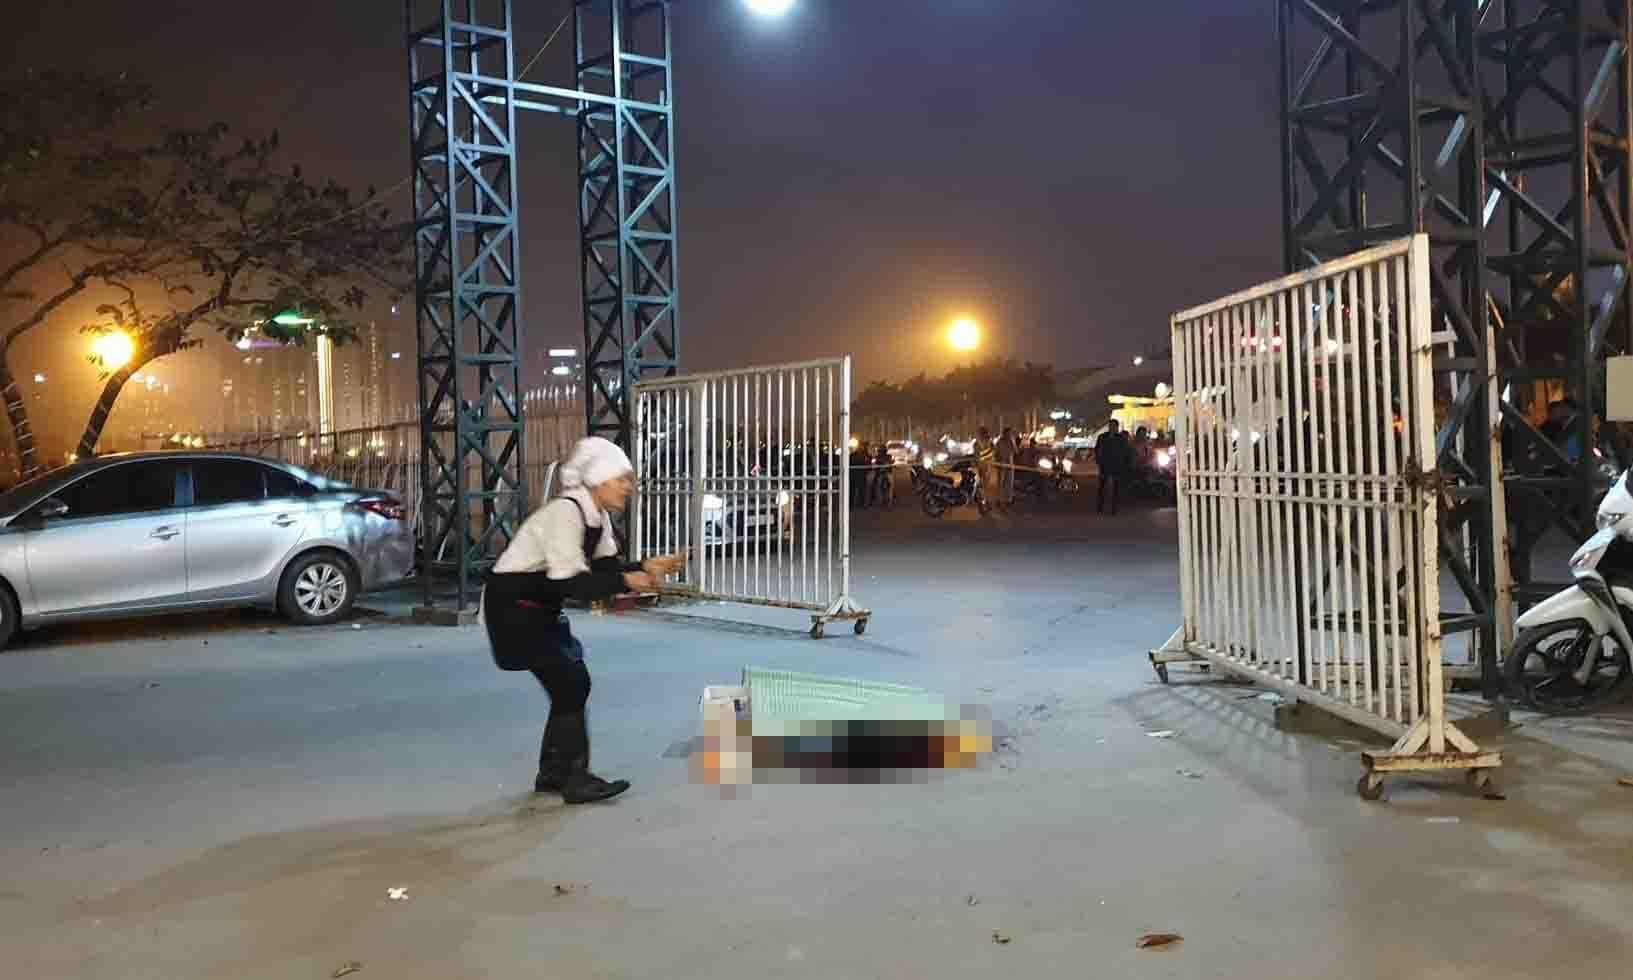 Tài xế taxi nghi bị cứa cổ đã phát tin cầu cứu trước khi chết-1